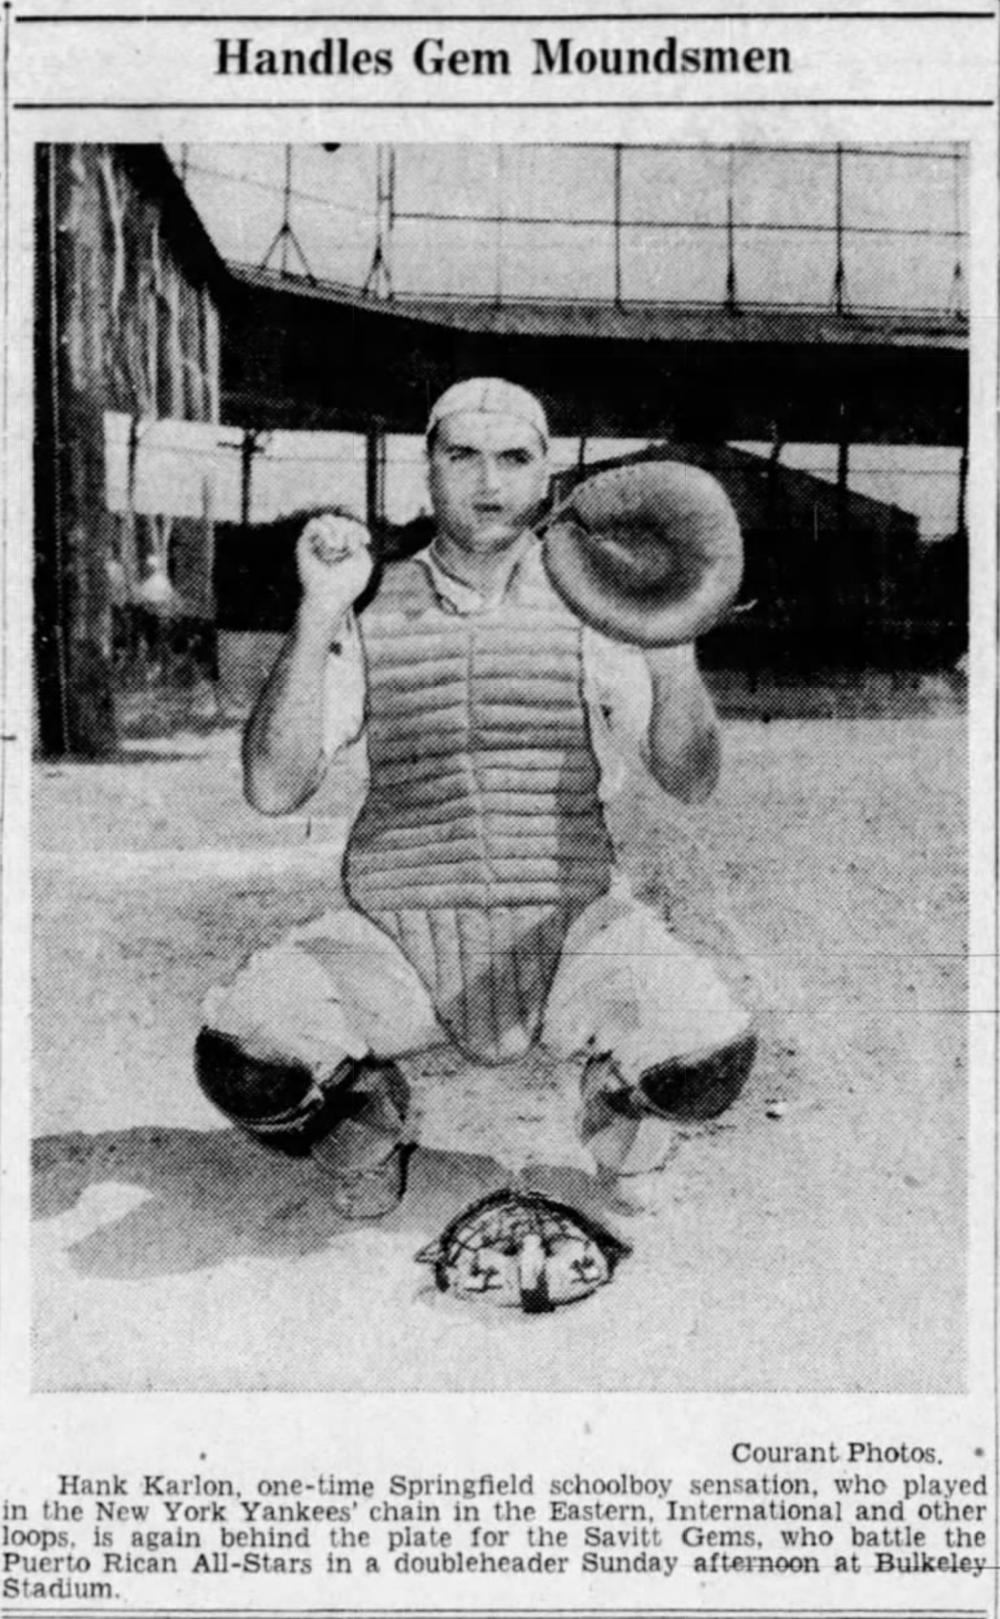 Hank Karlon, Savitt Gems, 1942.